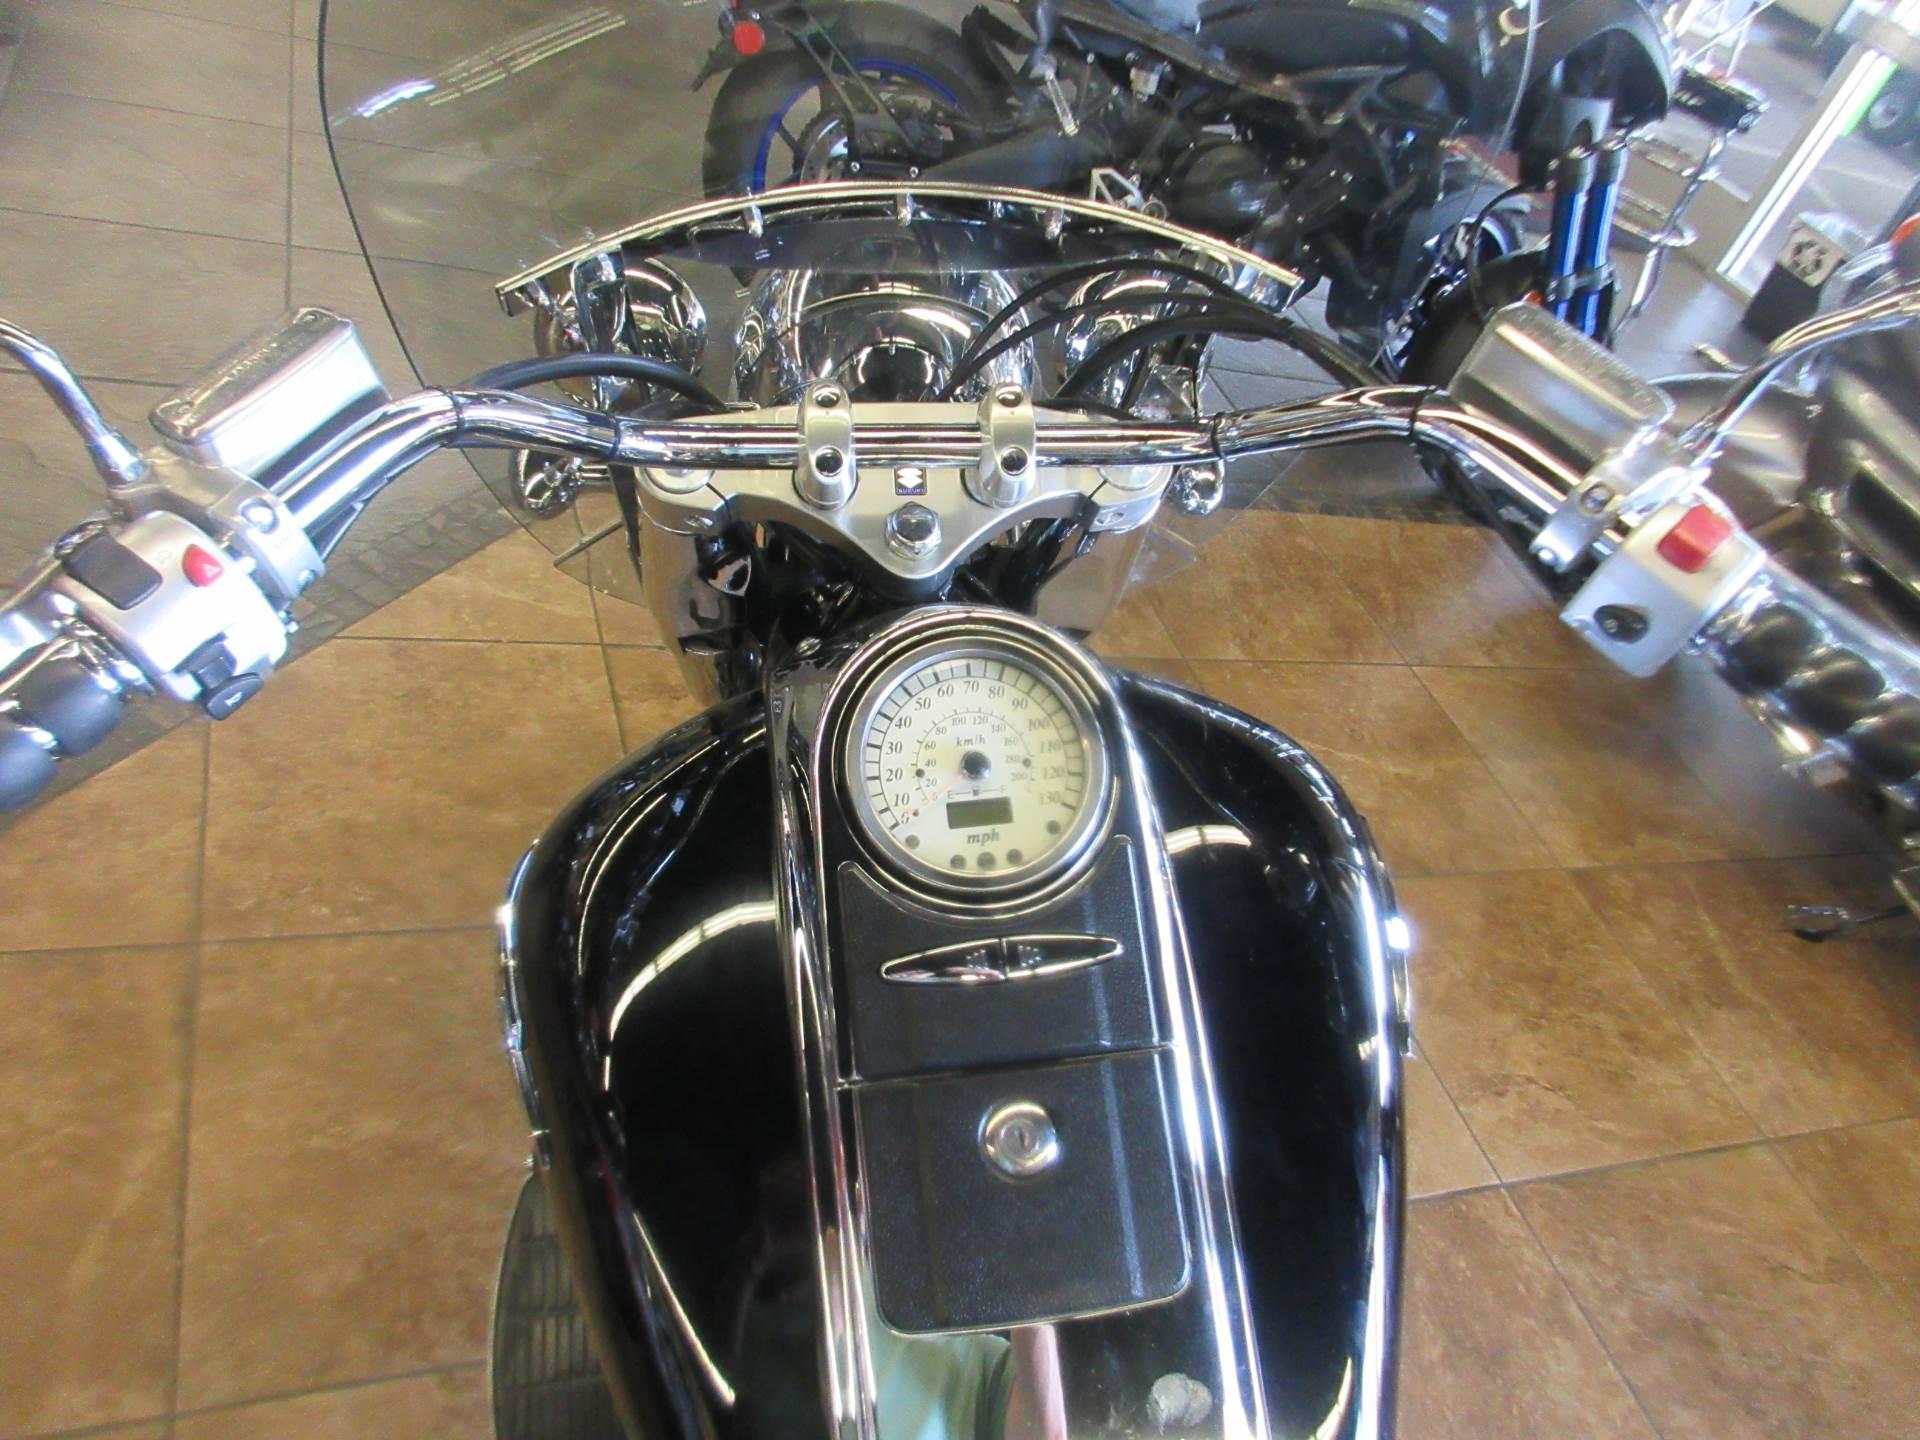 2008 Suzuki Boulevard C90T in Sacramento, California